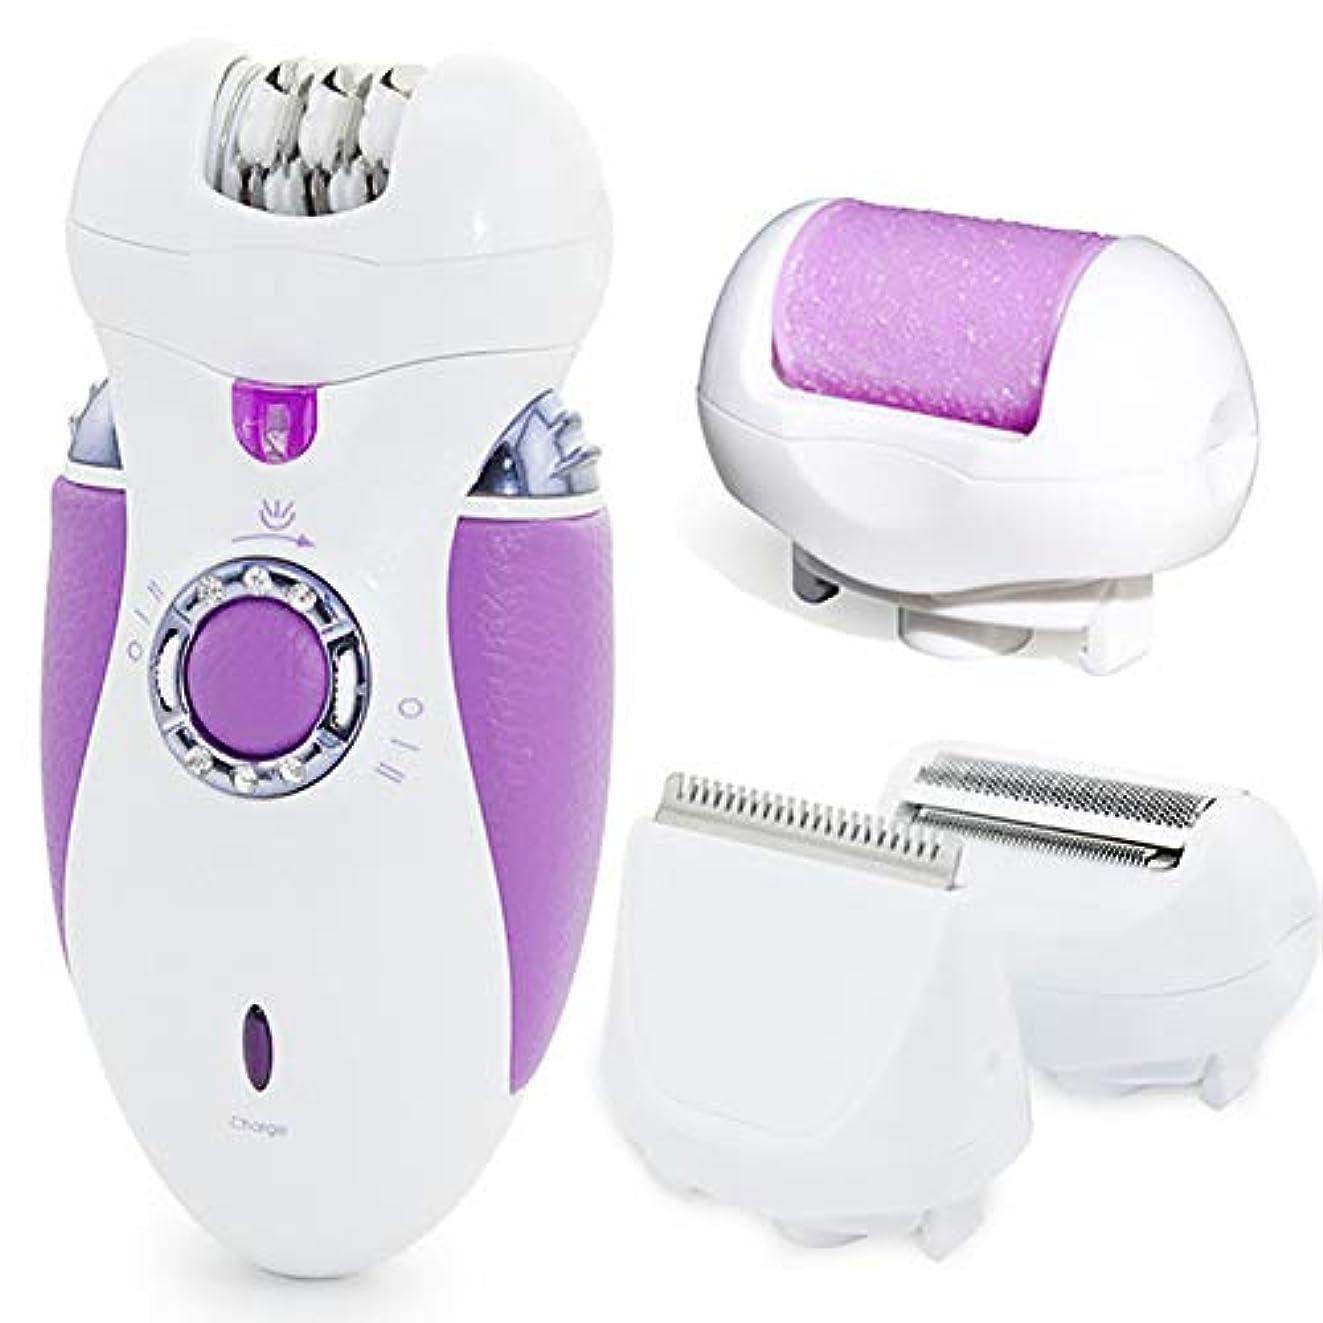 ミュウミュウ死すべきネスト女性のための脱毛器、1シェーバー電気かみそりを含むウェット&ドライ電気シェーバー脱毛で4防水レディー電気シェーバーコードレス,紫色